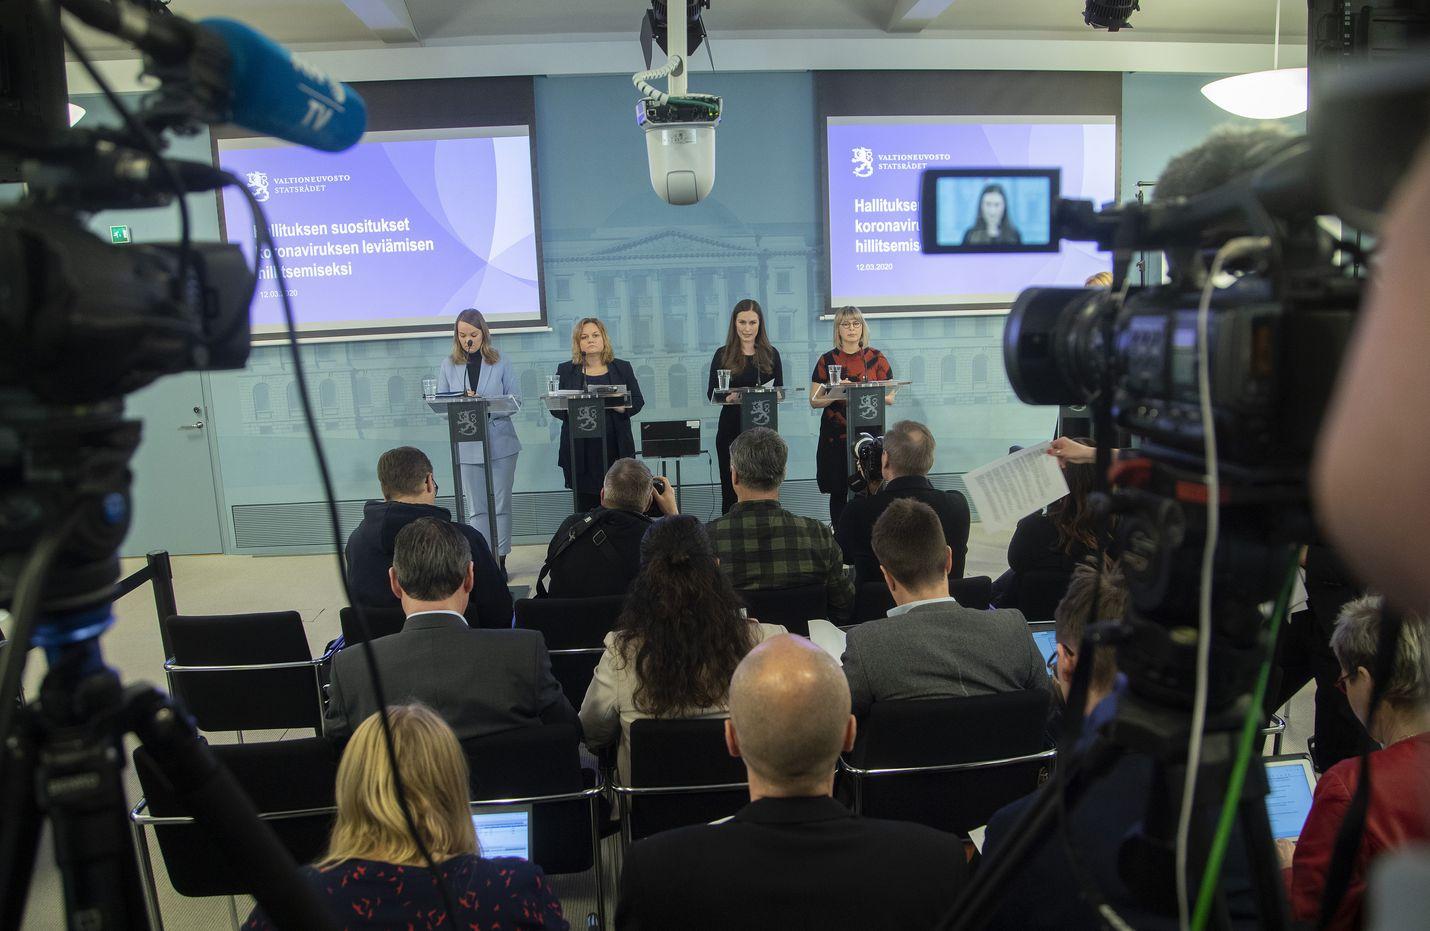 Selvltykseen haastatellut ministerit ja virkamiehet nostavat koronakevään onnistumisiksi muun muassa ripeät päätökset ja kansalaisviestinnän. Hallitus tiedotti poikkeusoloista 17. maaliskuuta 2020.